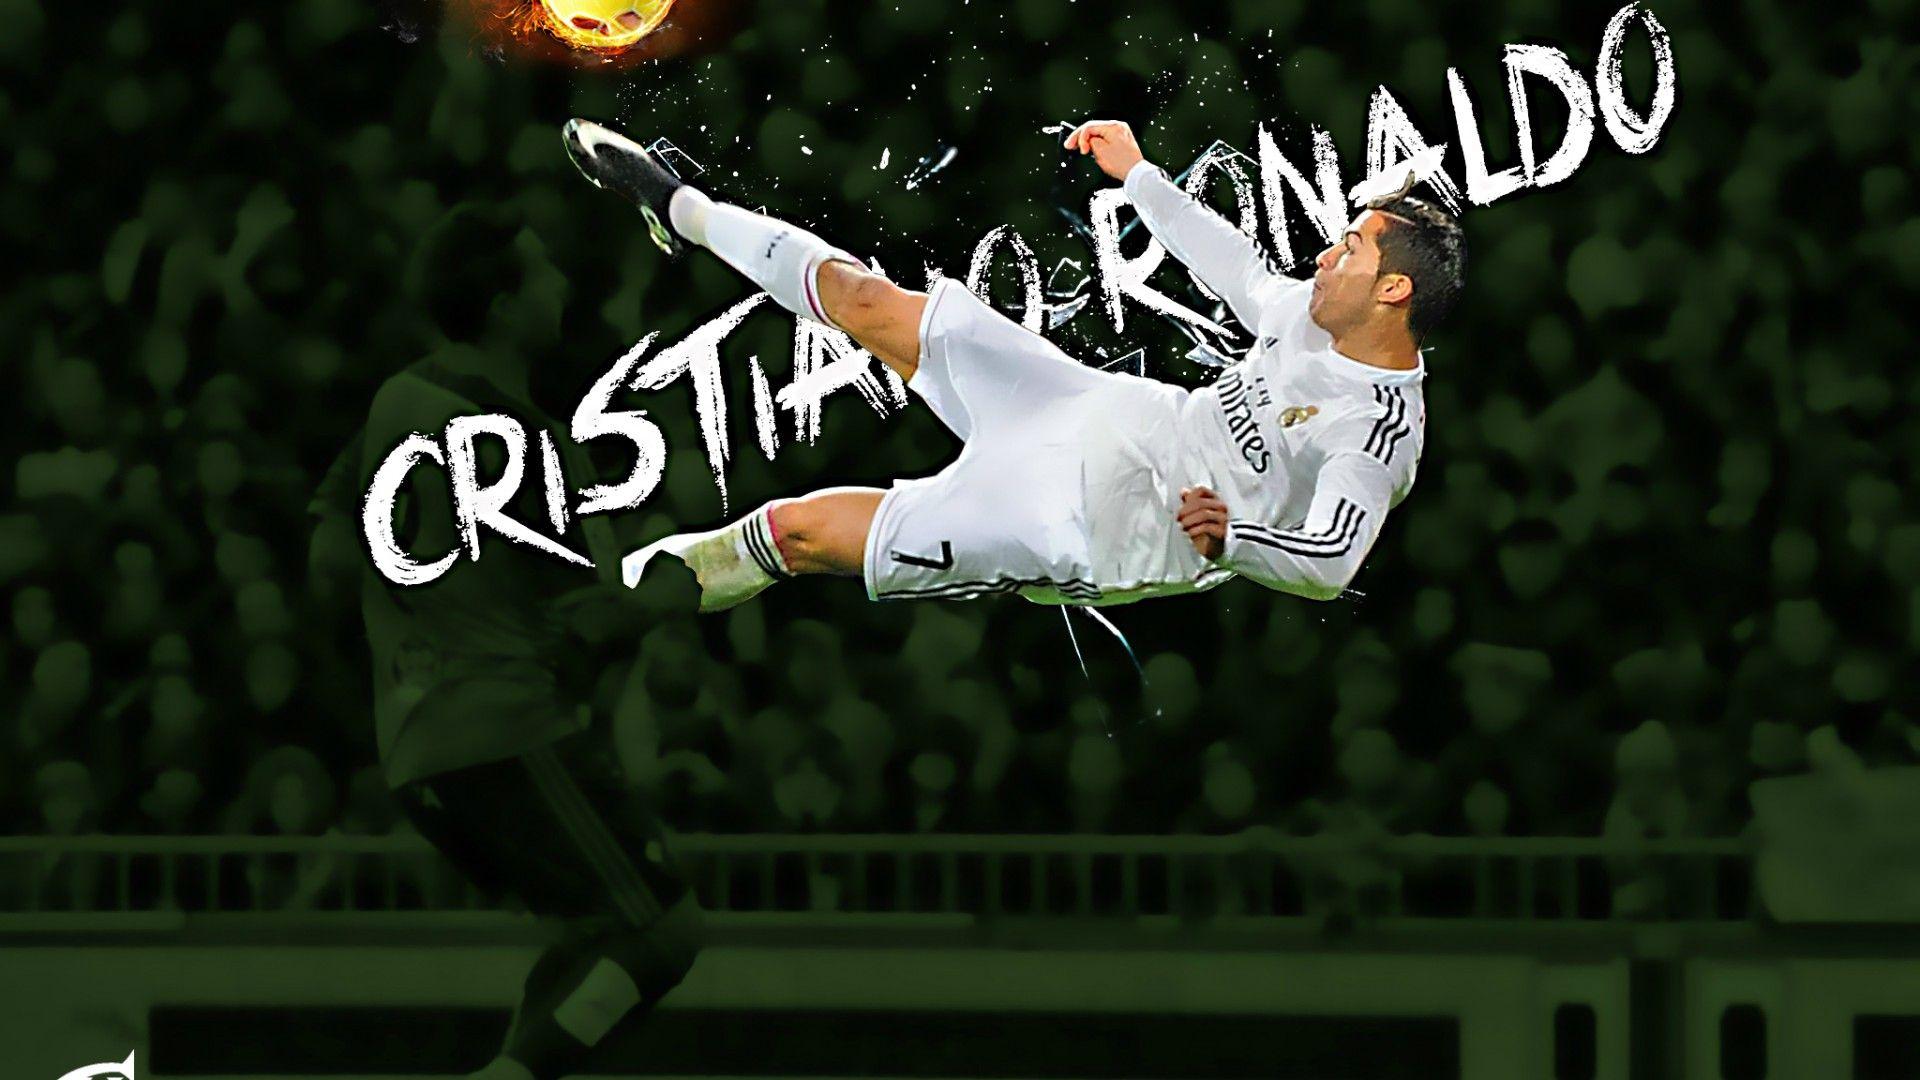 Cristiano Ronaldo Most Goal Scorer In Europe Kool Wallpapers Ronaldo Wallpapers Cristiano Ronaldo Ronaldo